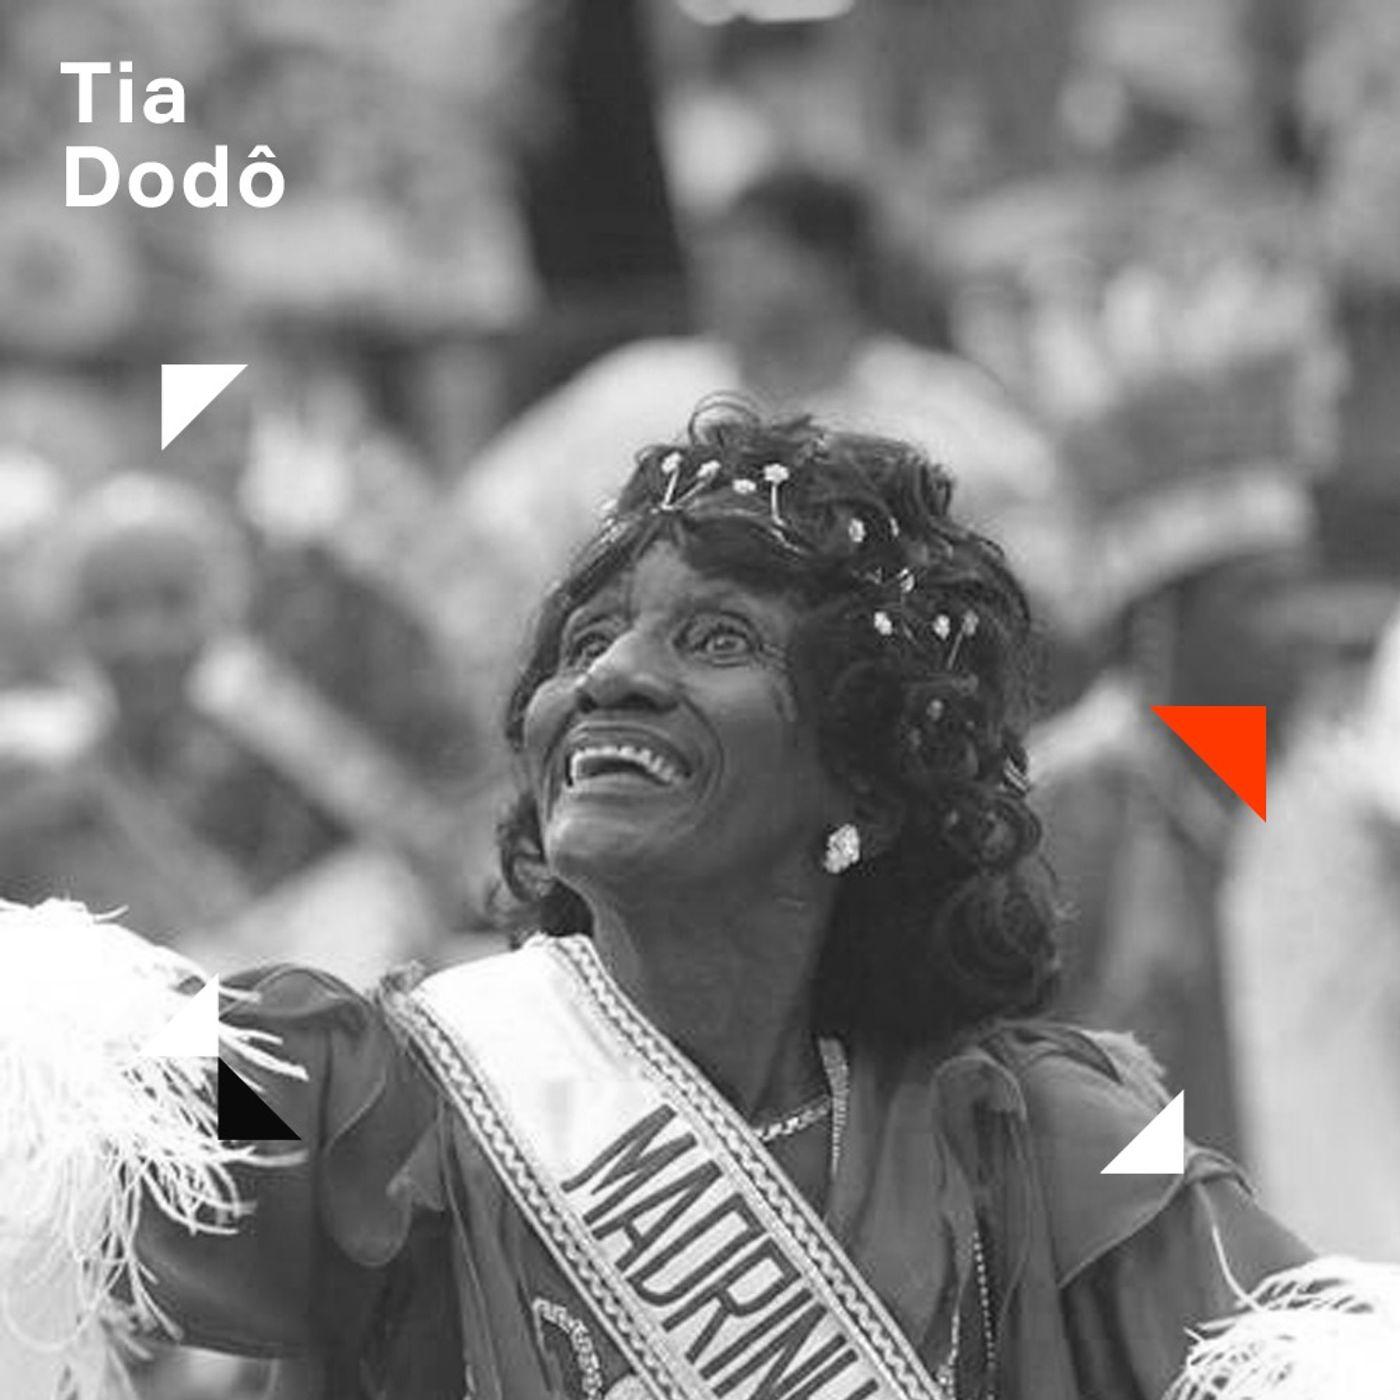 O Samba das Pretas   3. Tia Dodô